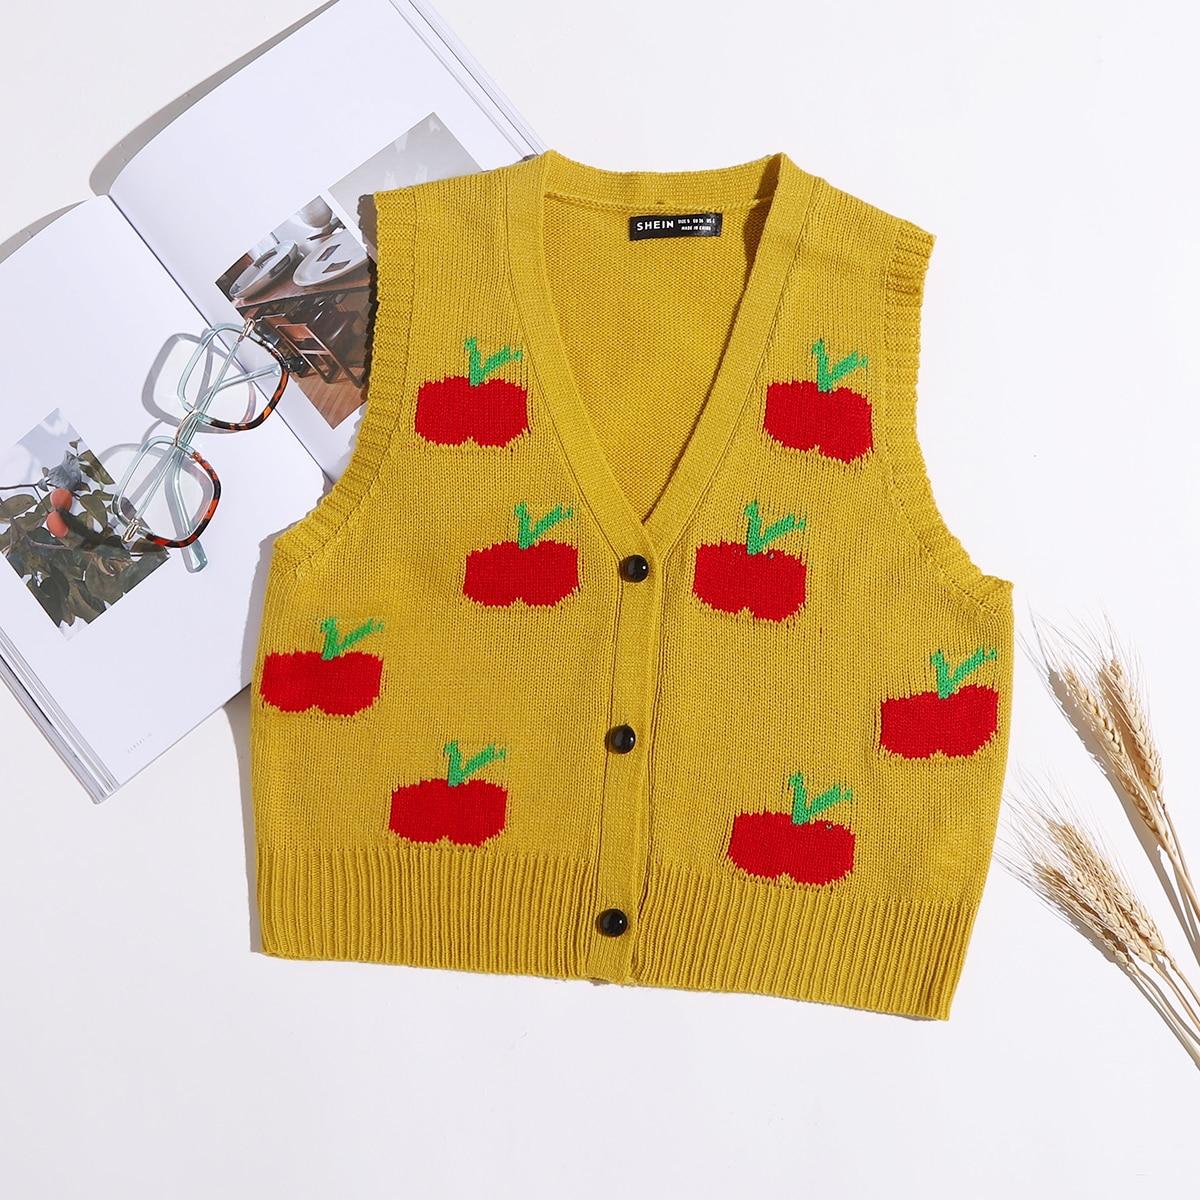 SHEIN Casual Fruit & groenten Cardigan Voorpand met Knoopjes